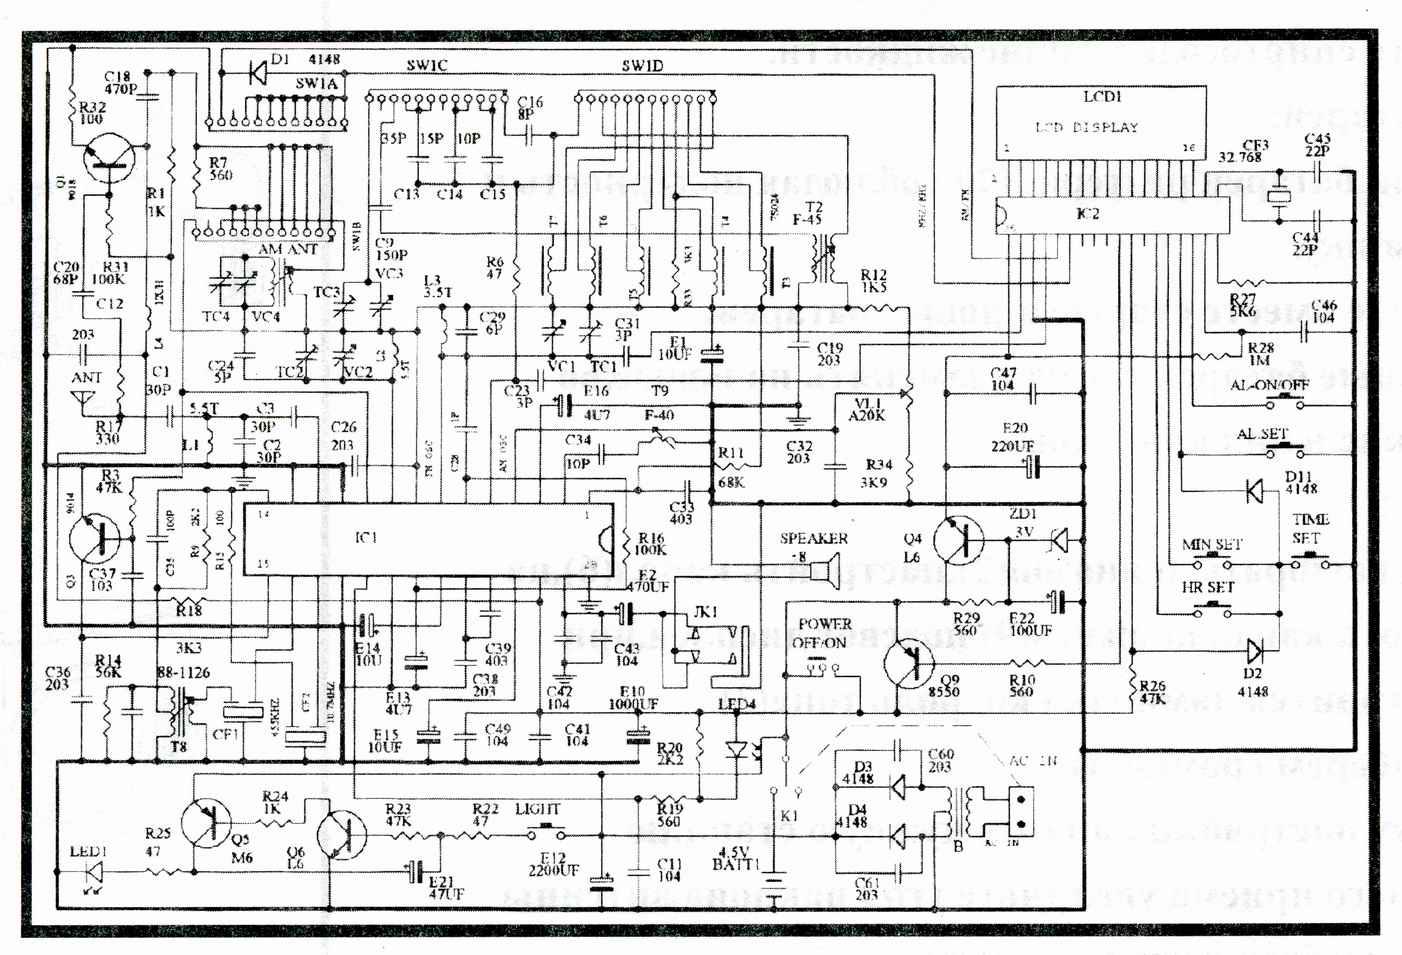 радио схема фм приемника на одной микросхеме